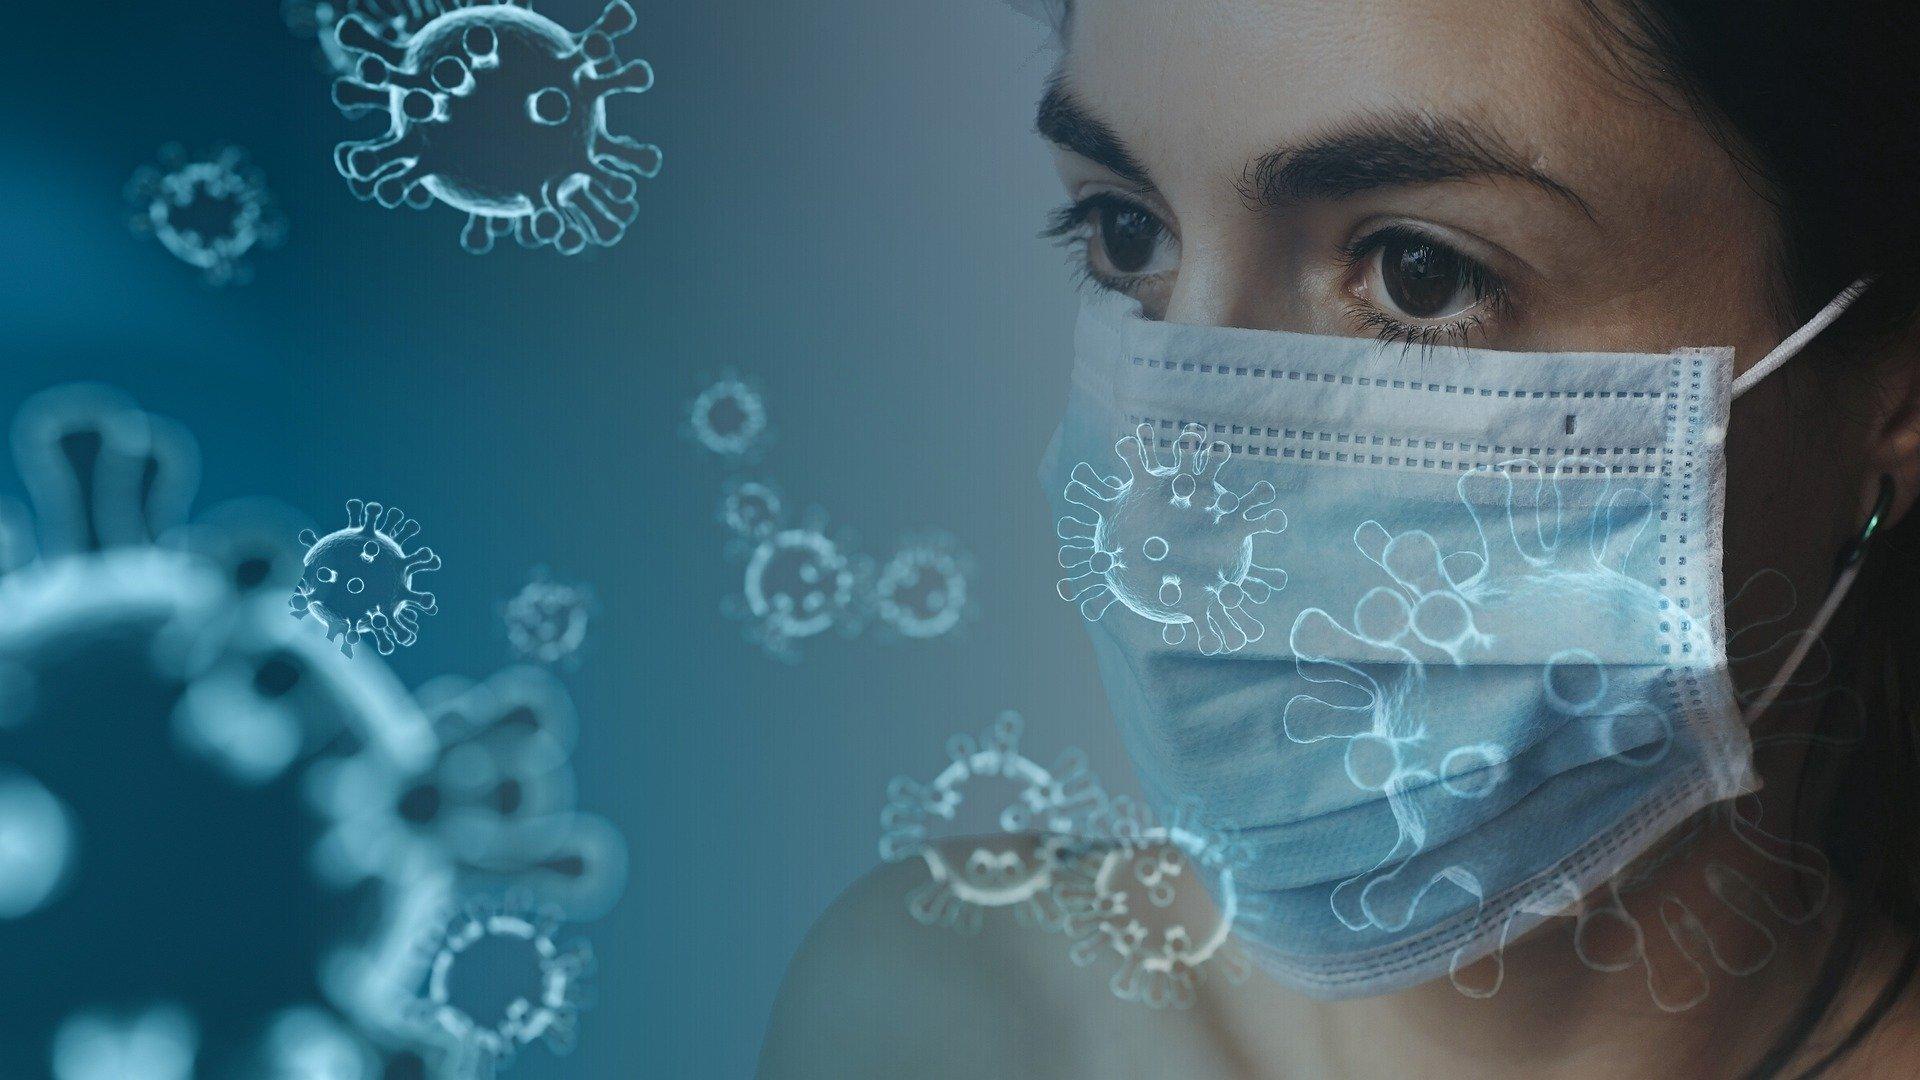 Épidémie, quelles conséquences ?